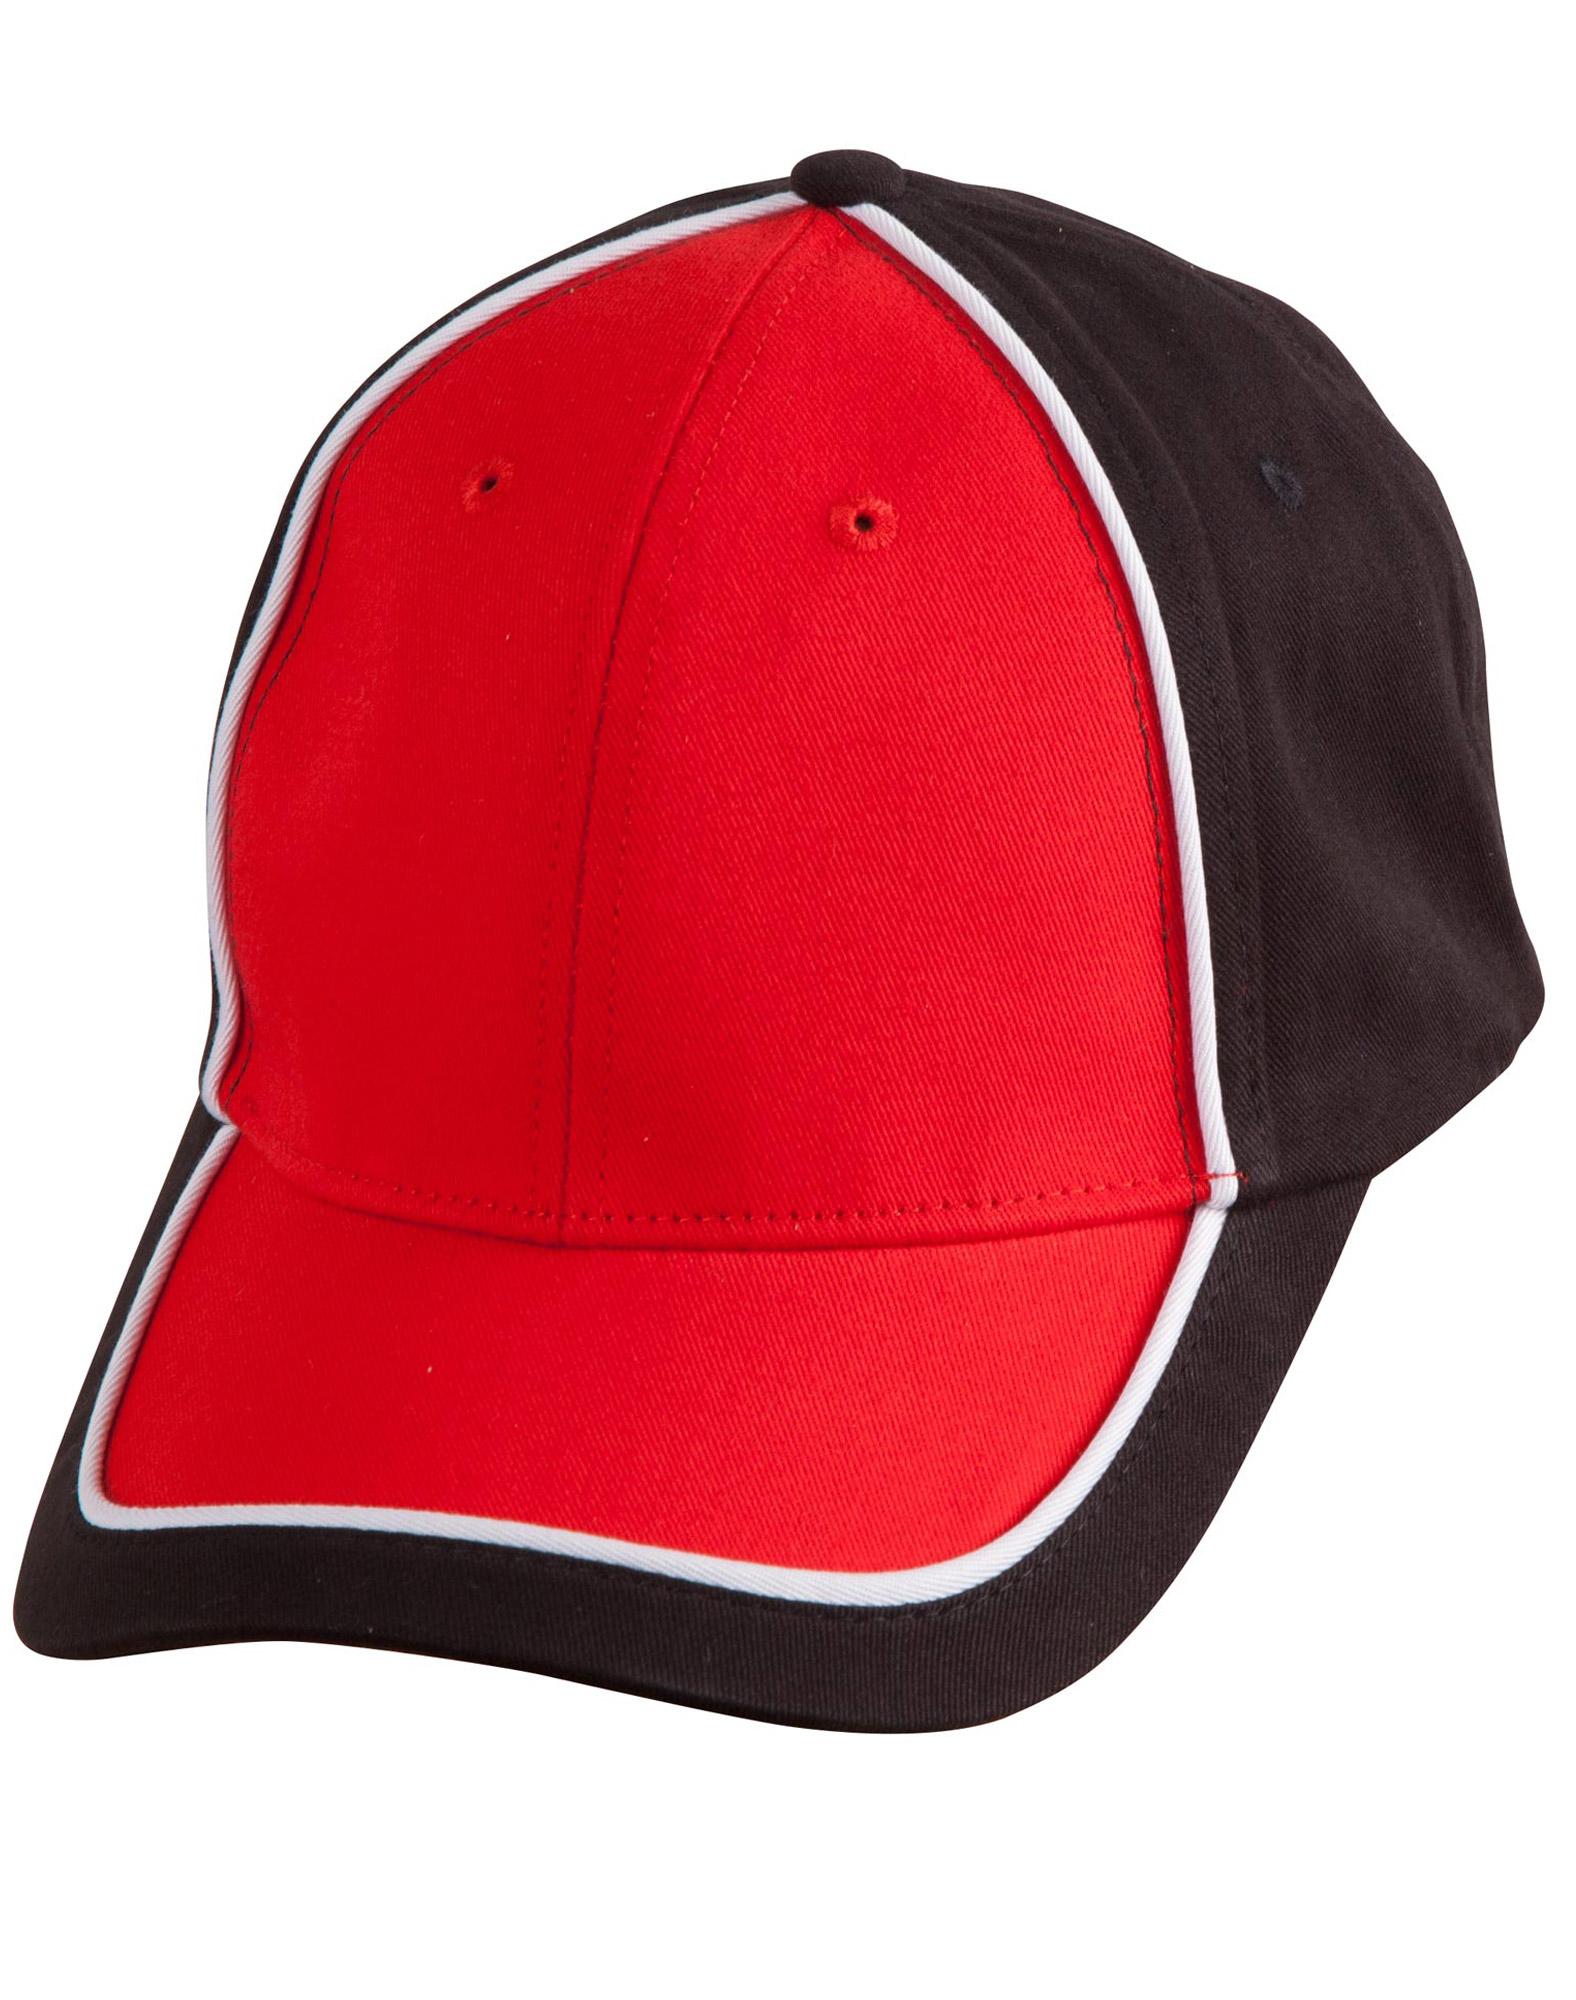 f92da5e9379 CH78 ARENA TWO TONE CAP